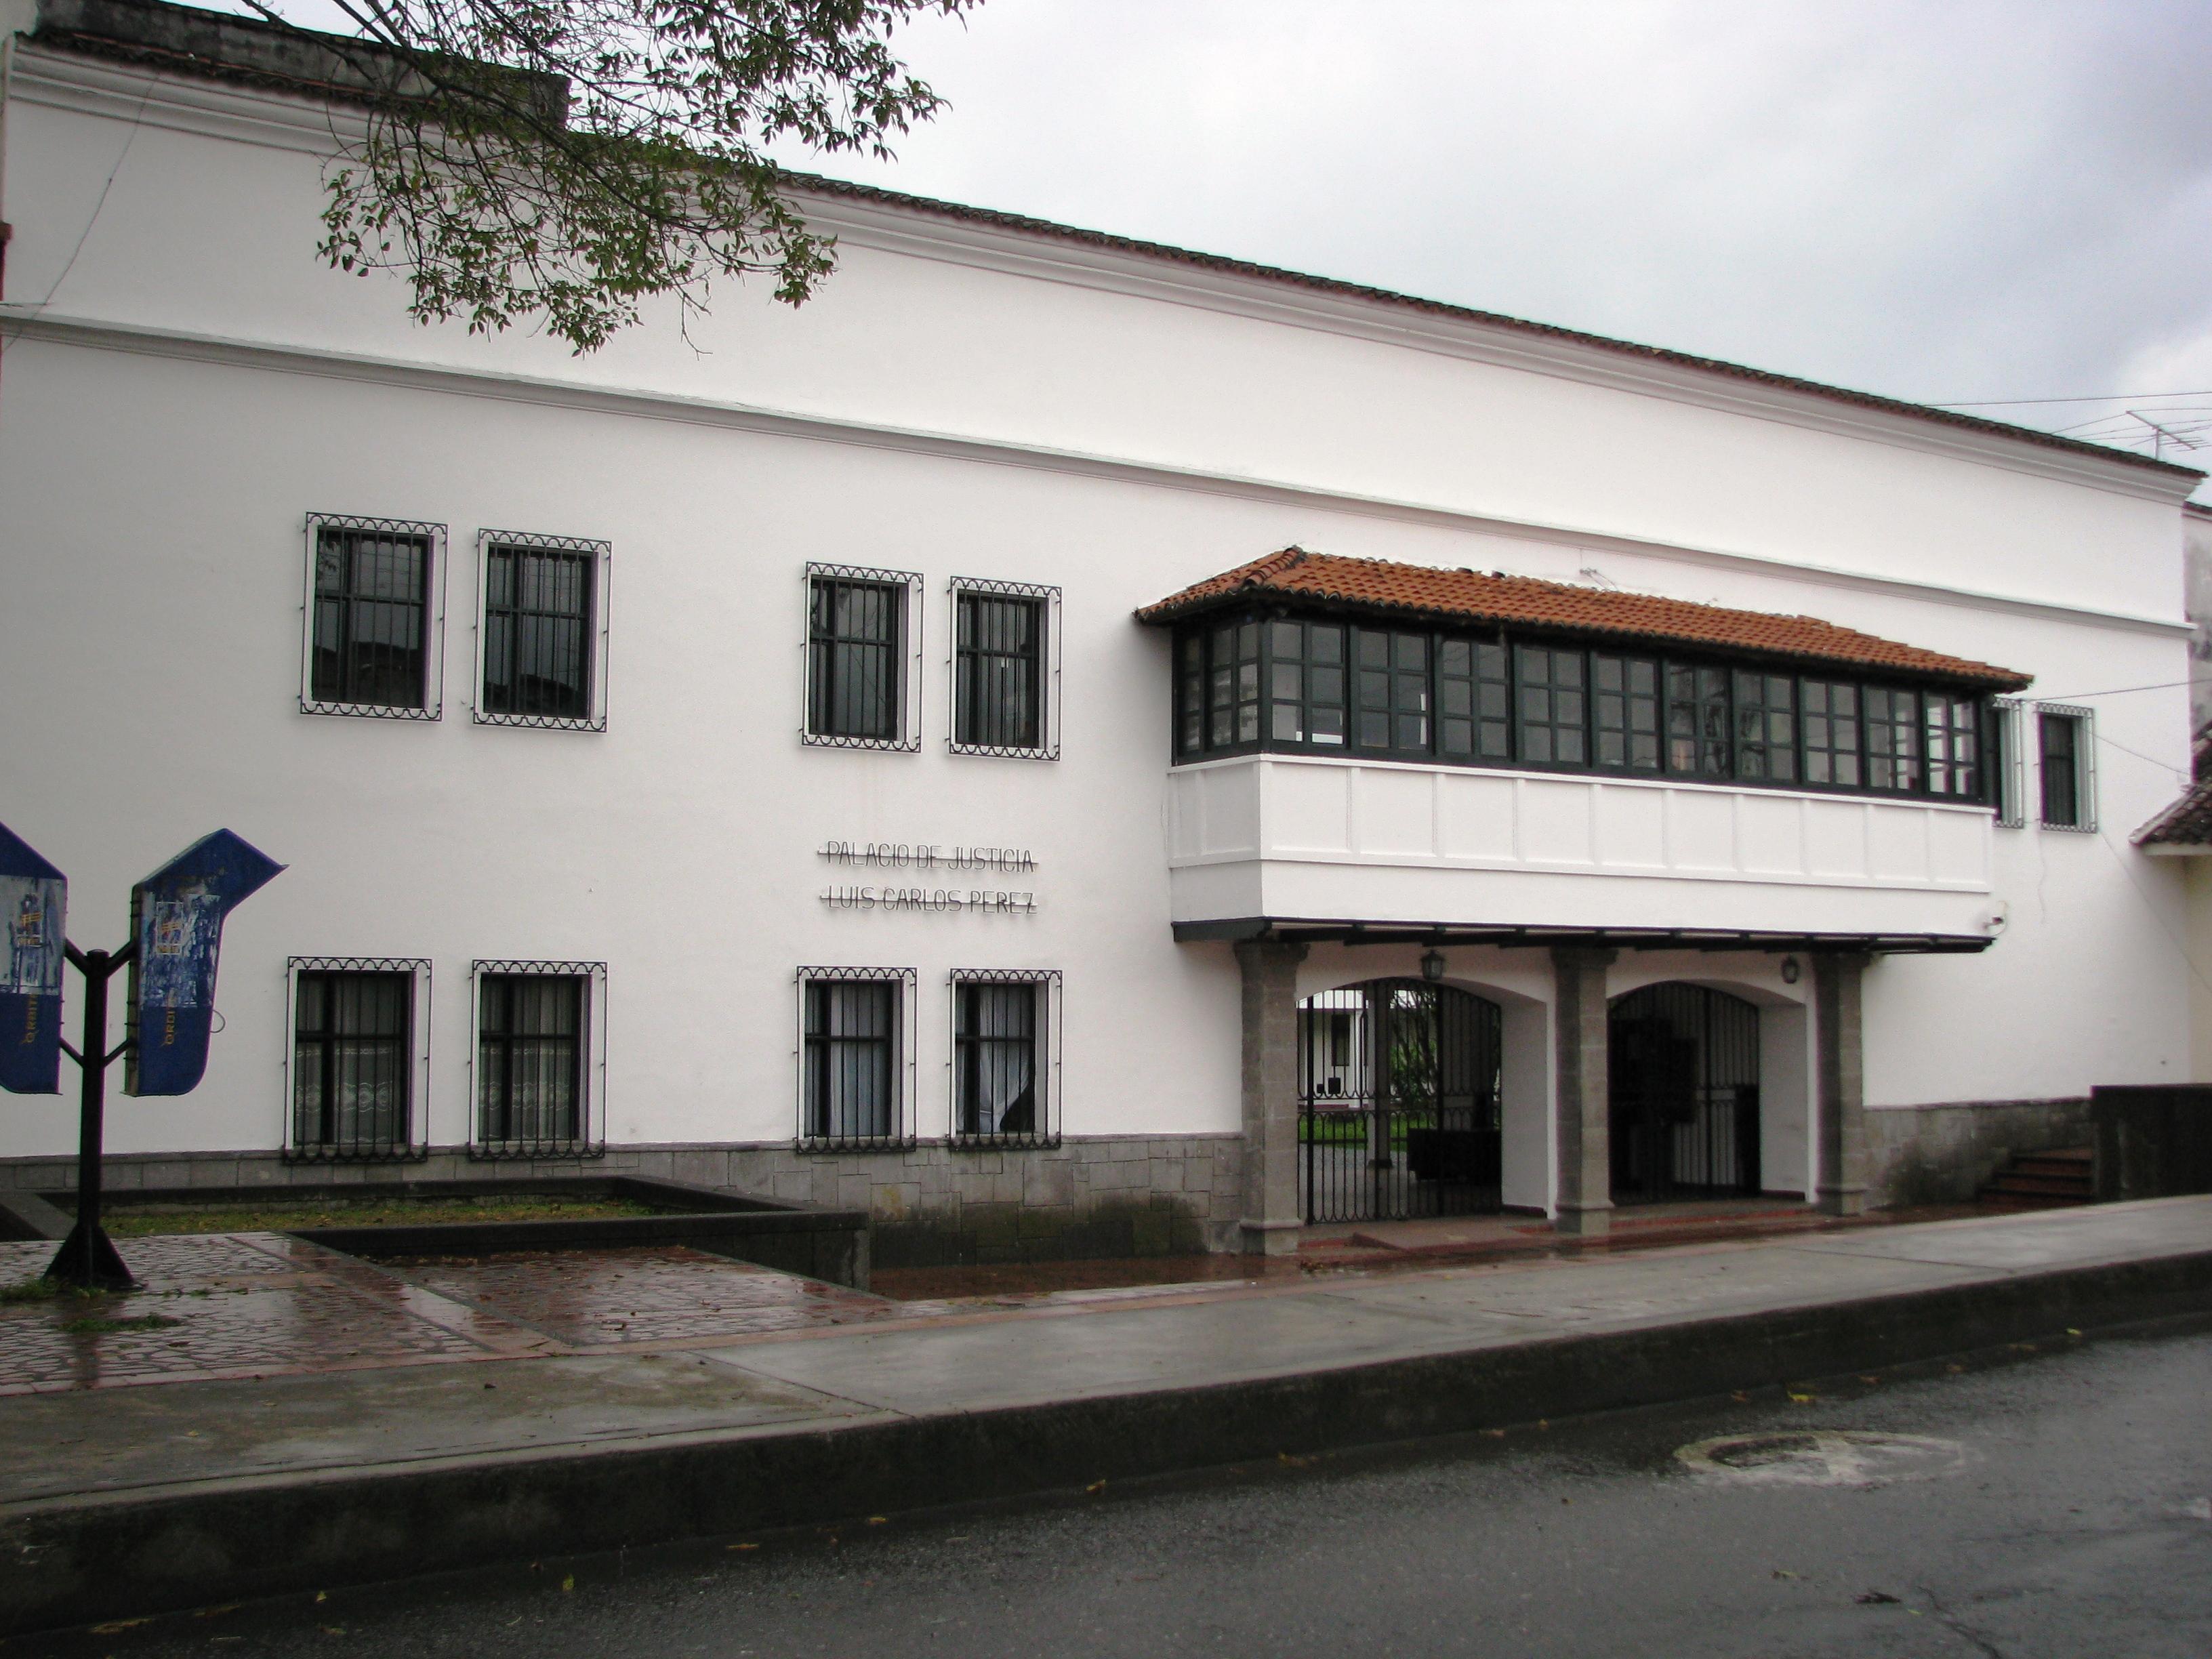 La audiencia se reanudará el lunes 23 de julio en el palacio de Justicia.